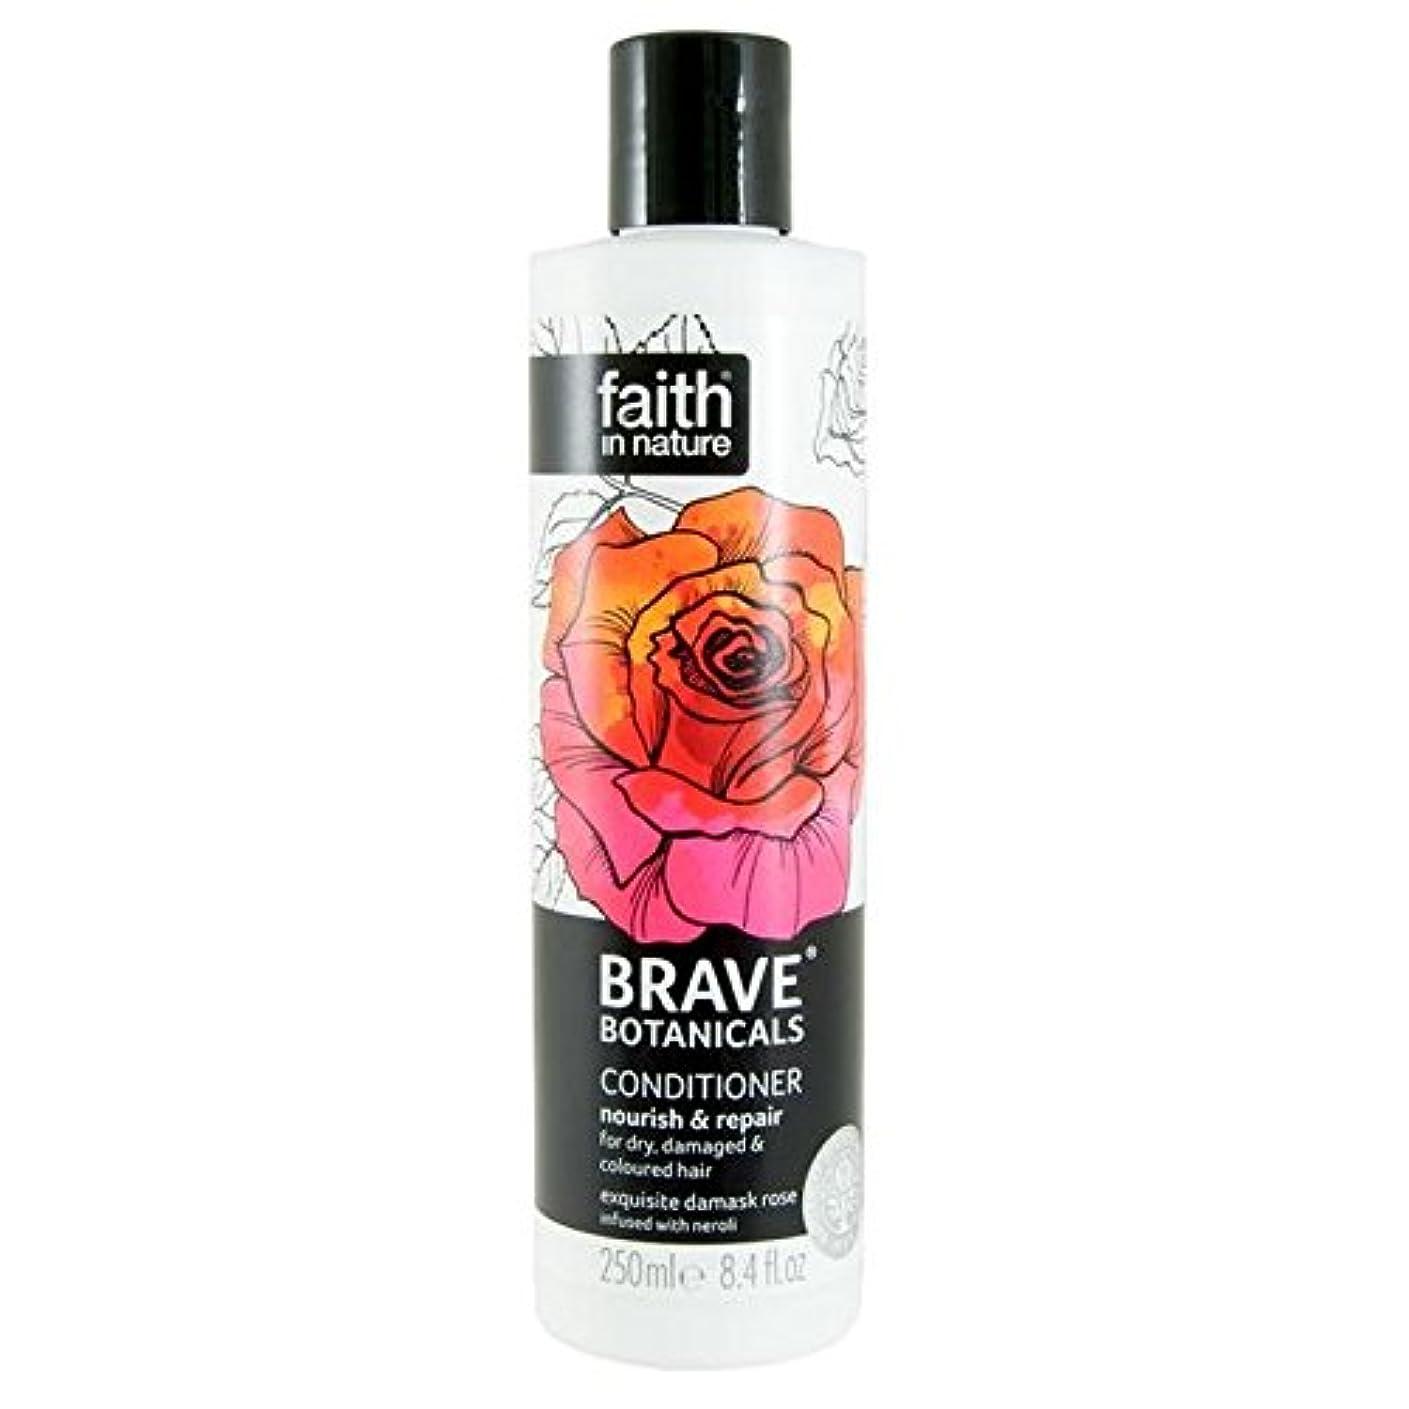 リットルオズワルド繁栄Brave Botanicals Rose & Neroli Nourish & Repair Conditioner 250ml (Pack of 4) - (Faith In Nature) 勇敢な植物は、ローズ&ネロリは養う&リペアコンディショナー250Ml (x4) [並行輸入品]